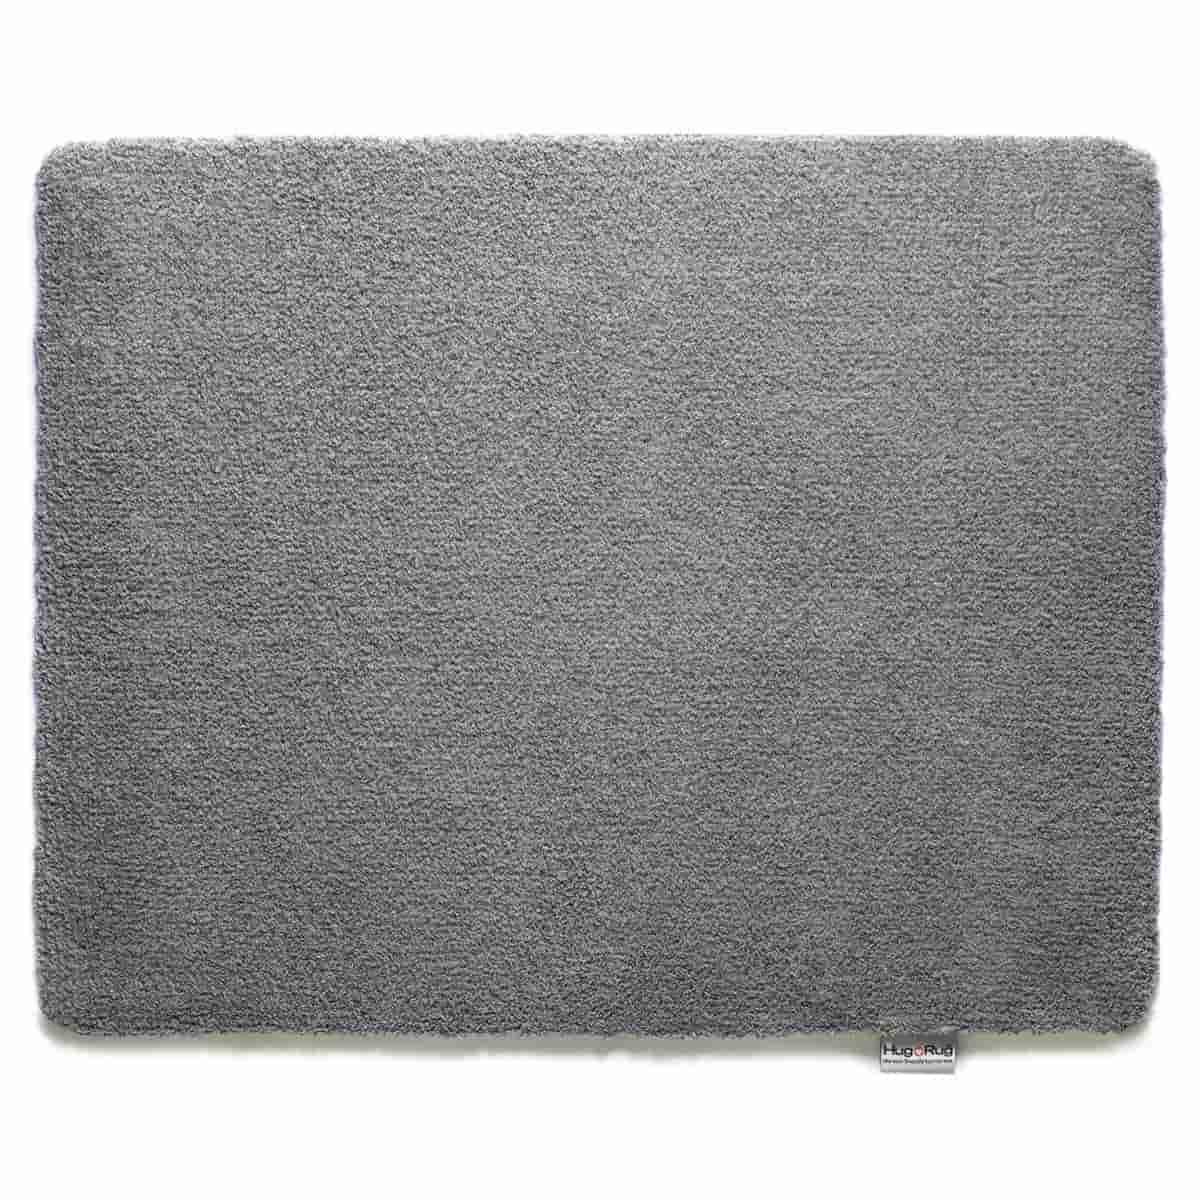 paillasson tapis gris 100 recycl 75x50cm paillasson nettoie bottes. Black Bedroom Furniture Sets. Home Design Ideas